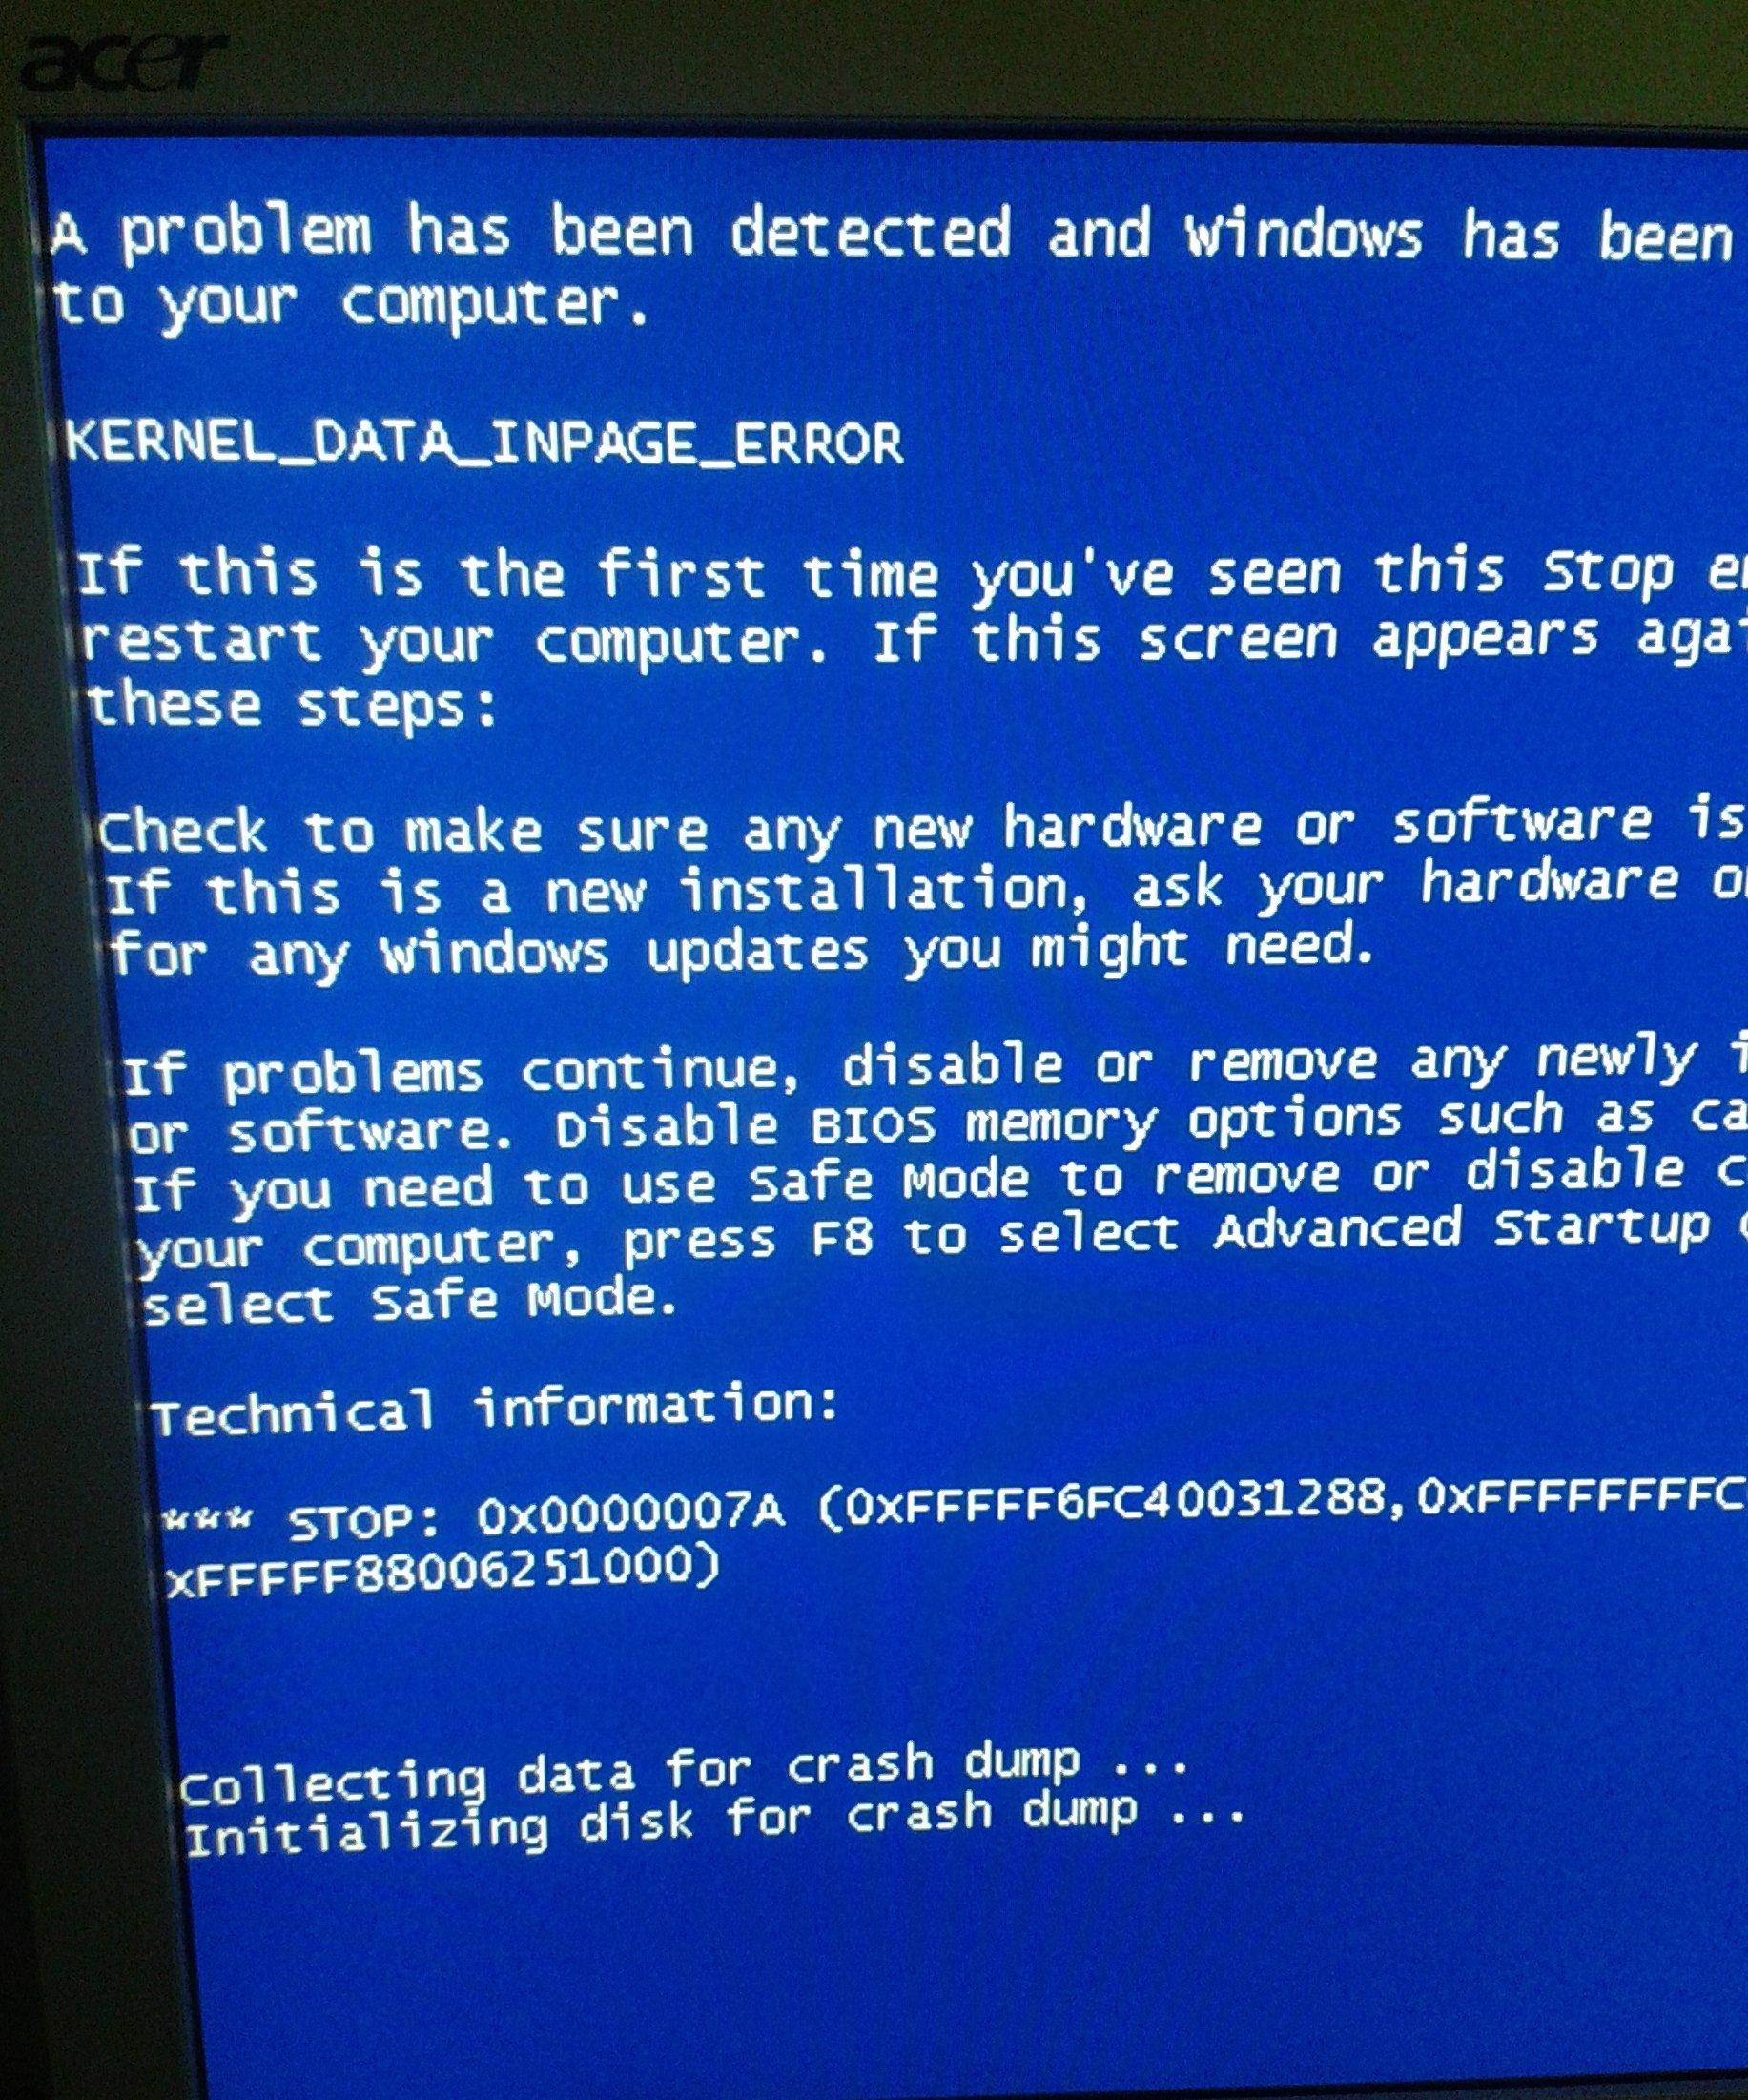 bsod-kernel-data-inpage-error